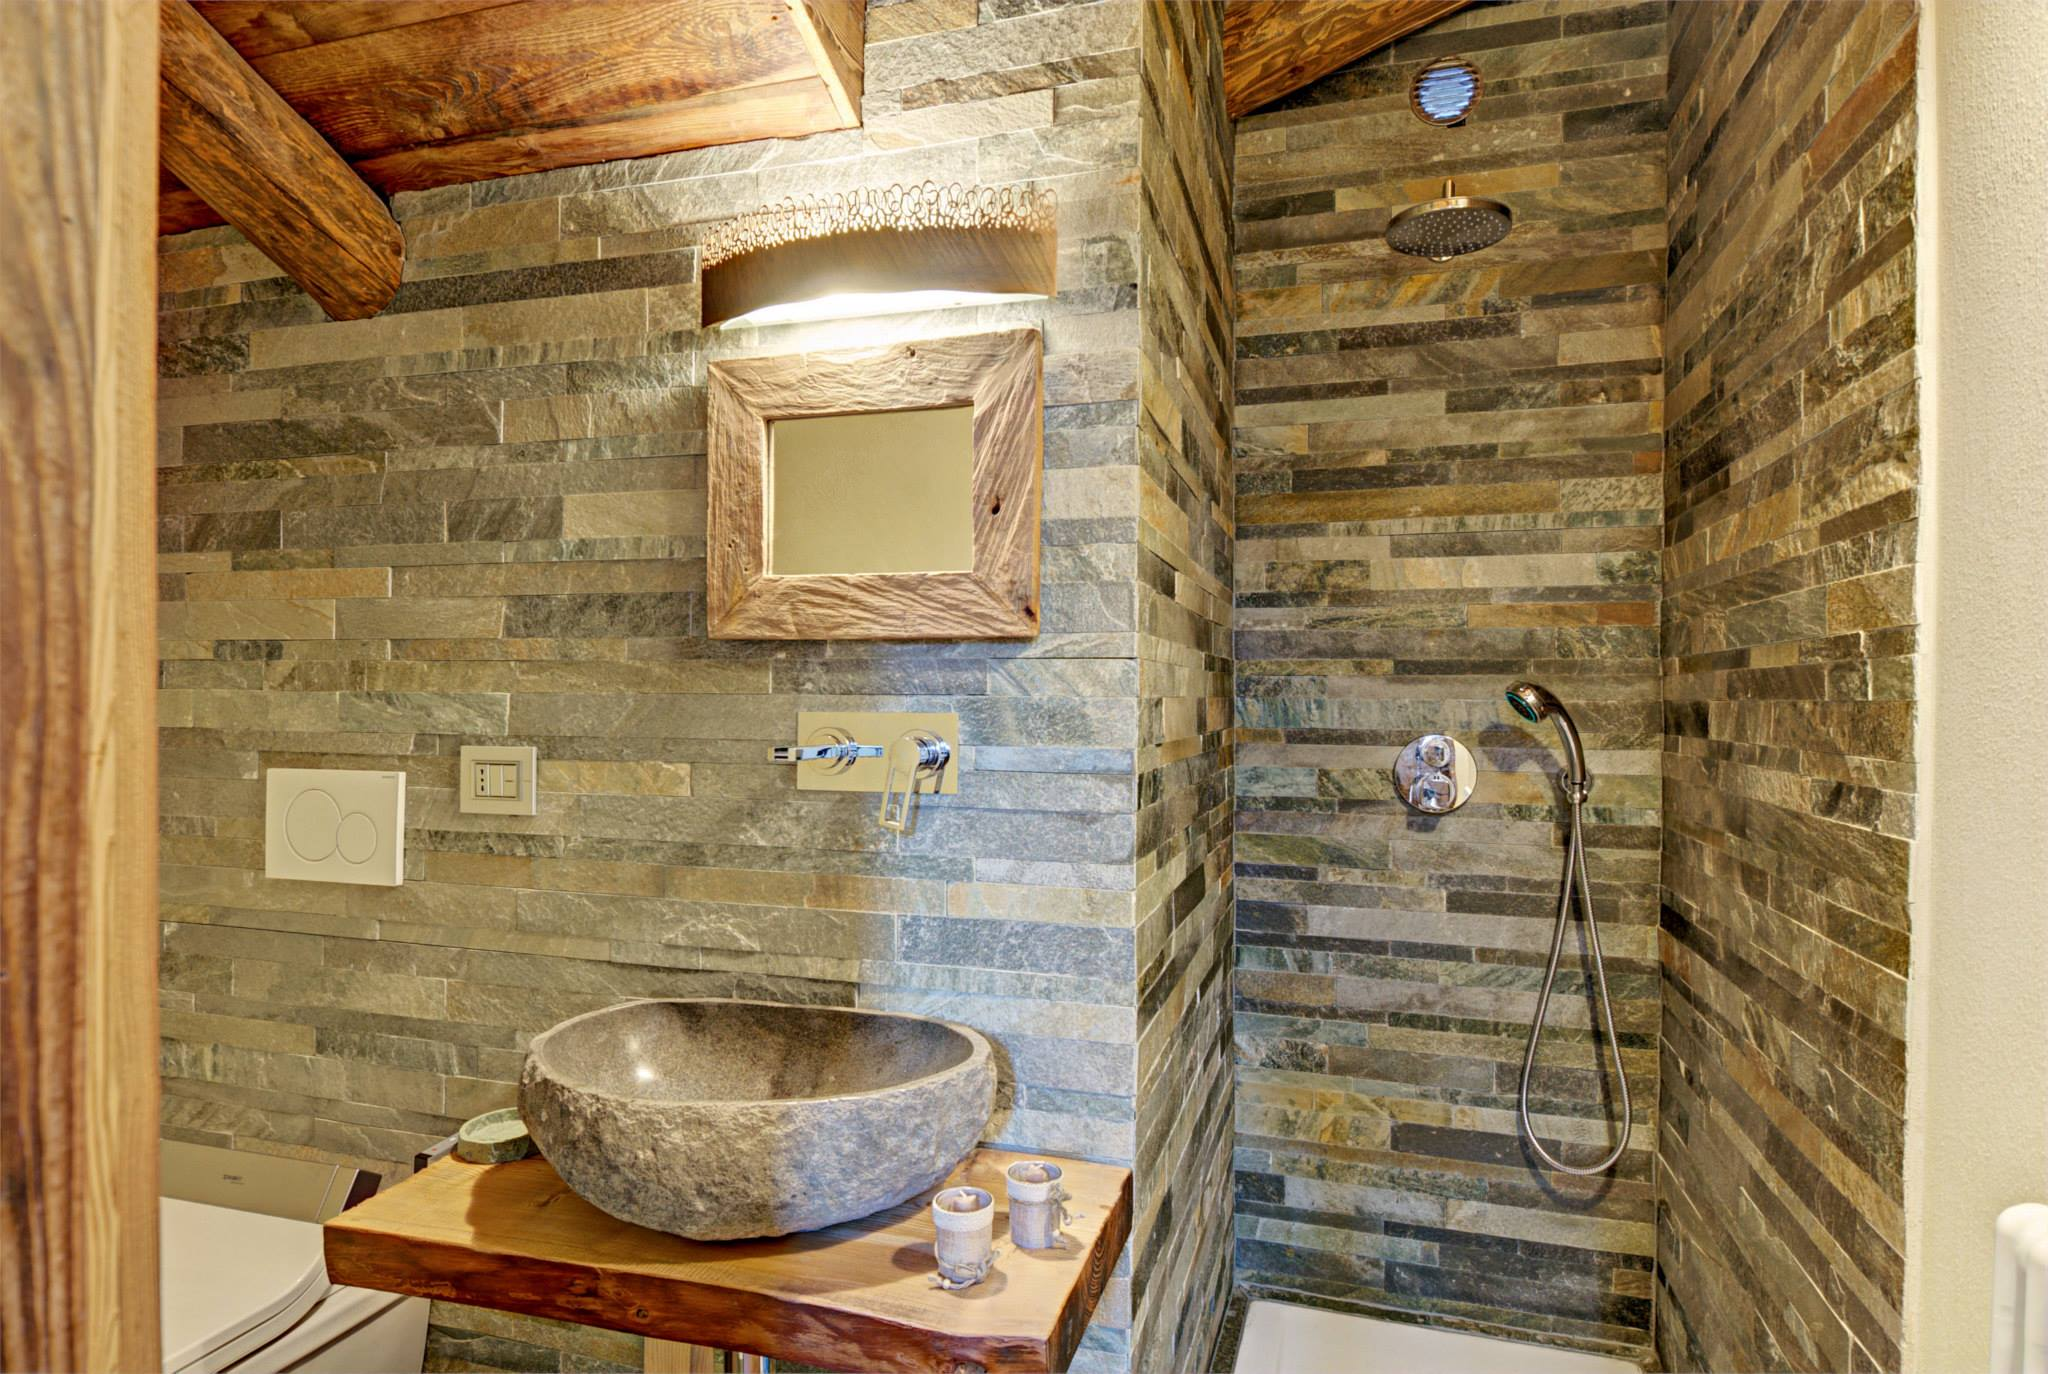 Baños Visita Modernos:Diseño de interiores rústico uso de madera y piedra